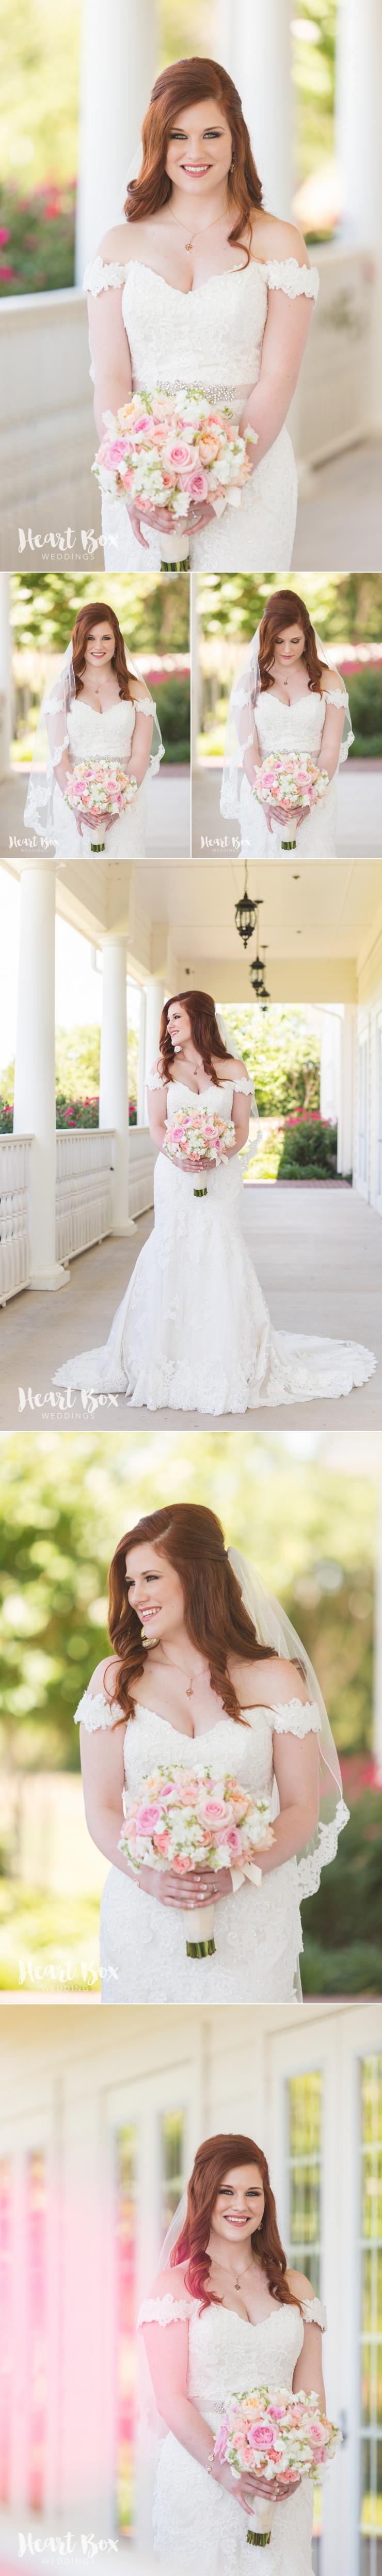 Muprhey Wedding Blog Collages 8.jpg